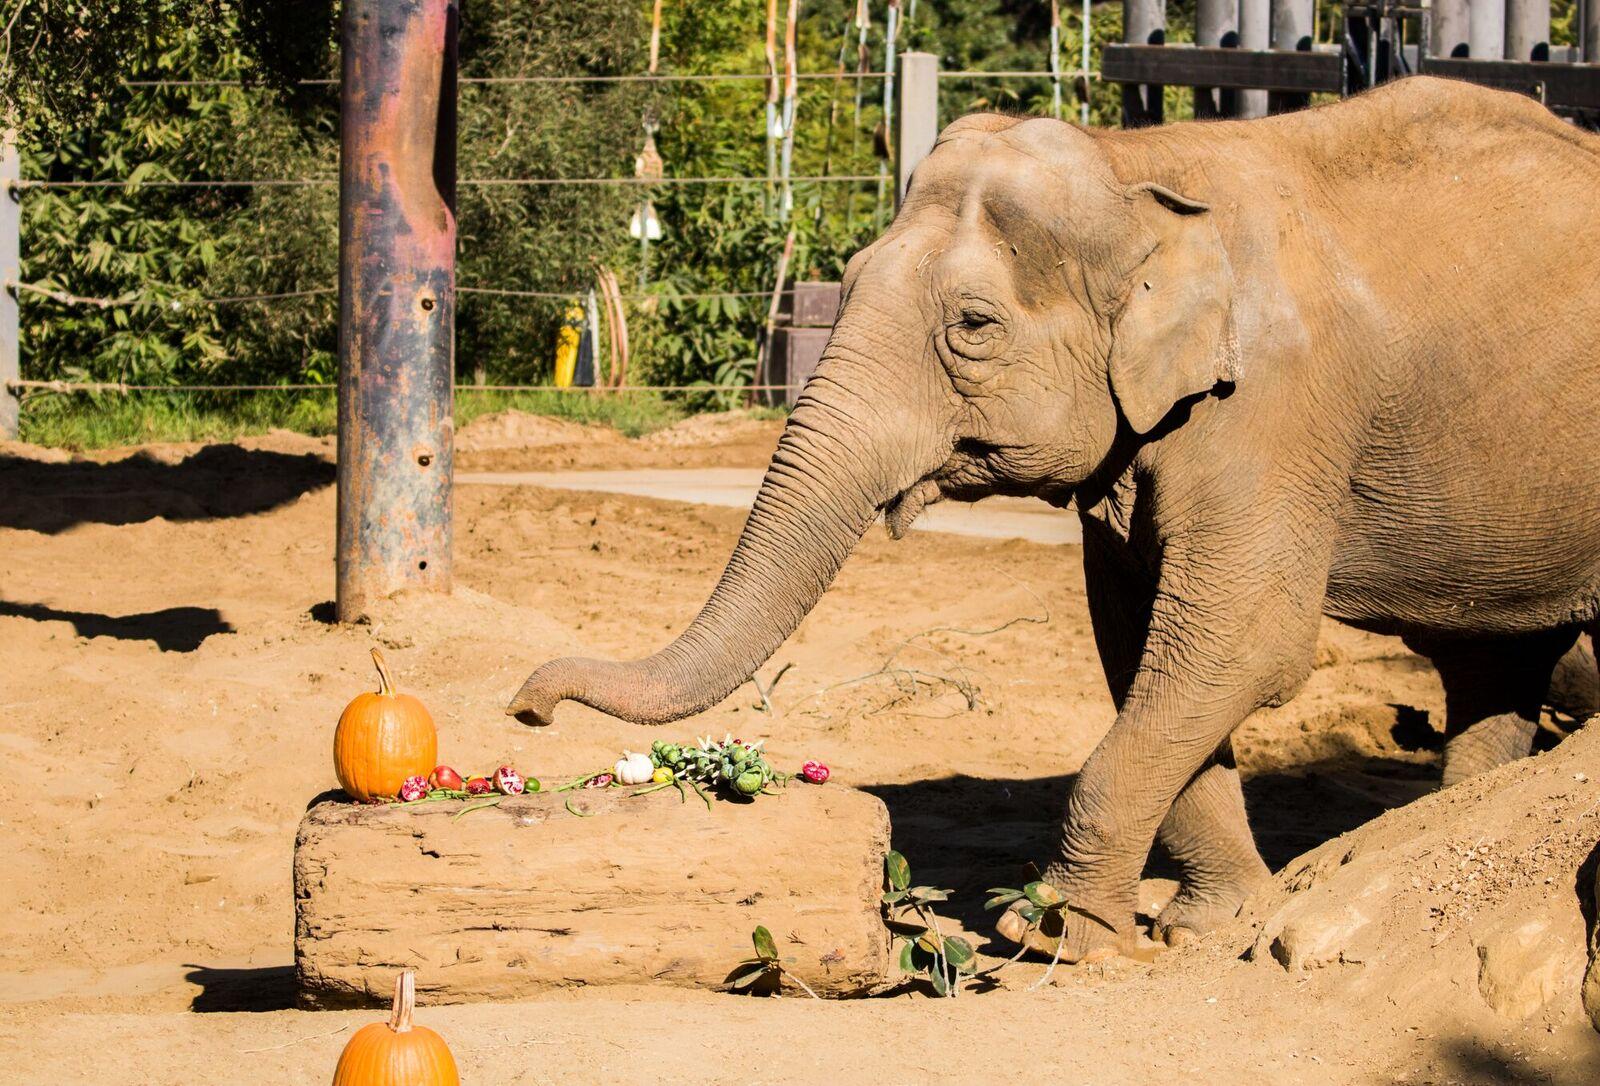 Santa Barbara Zoo Elephant